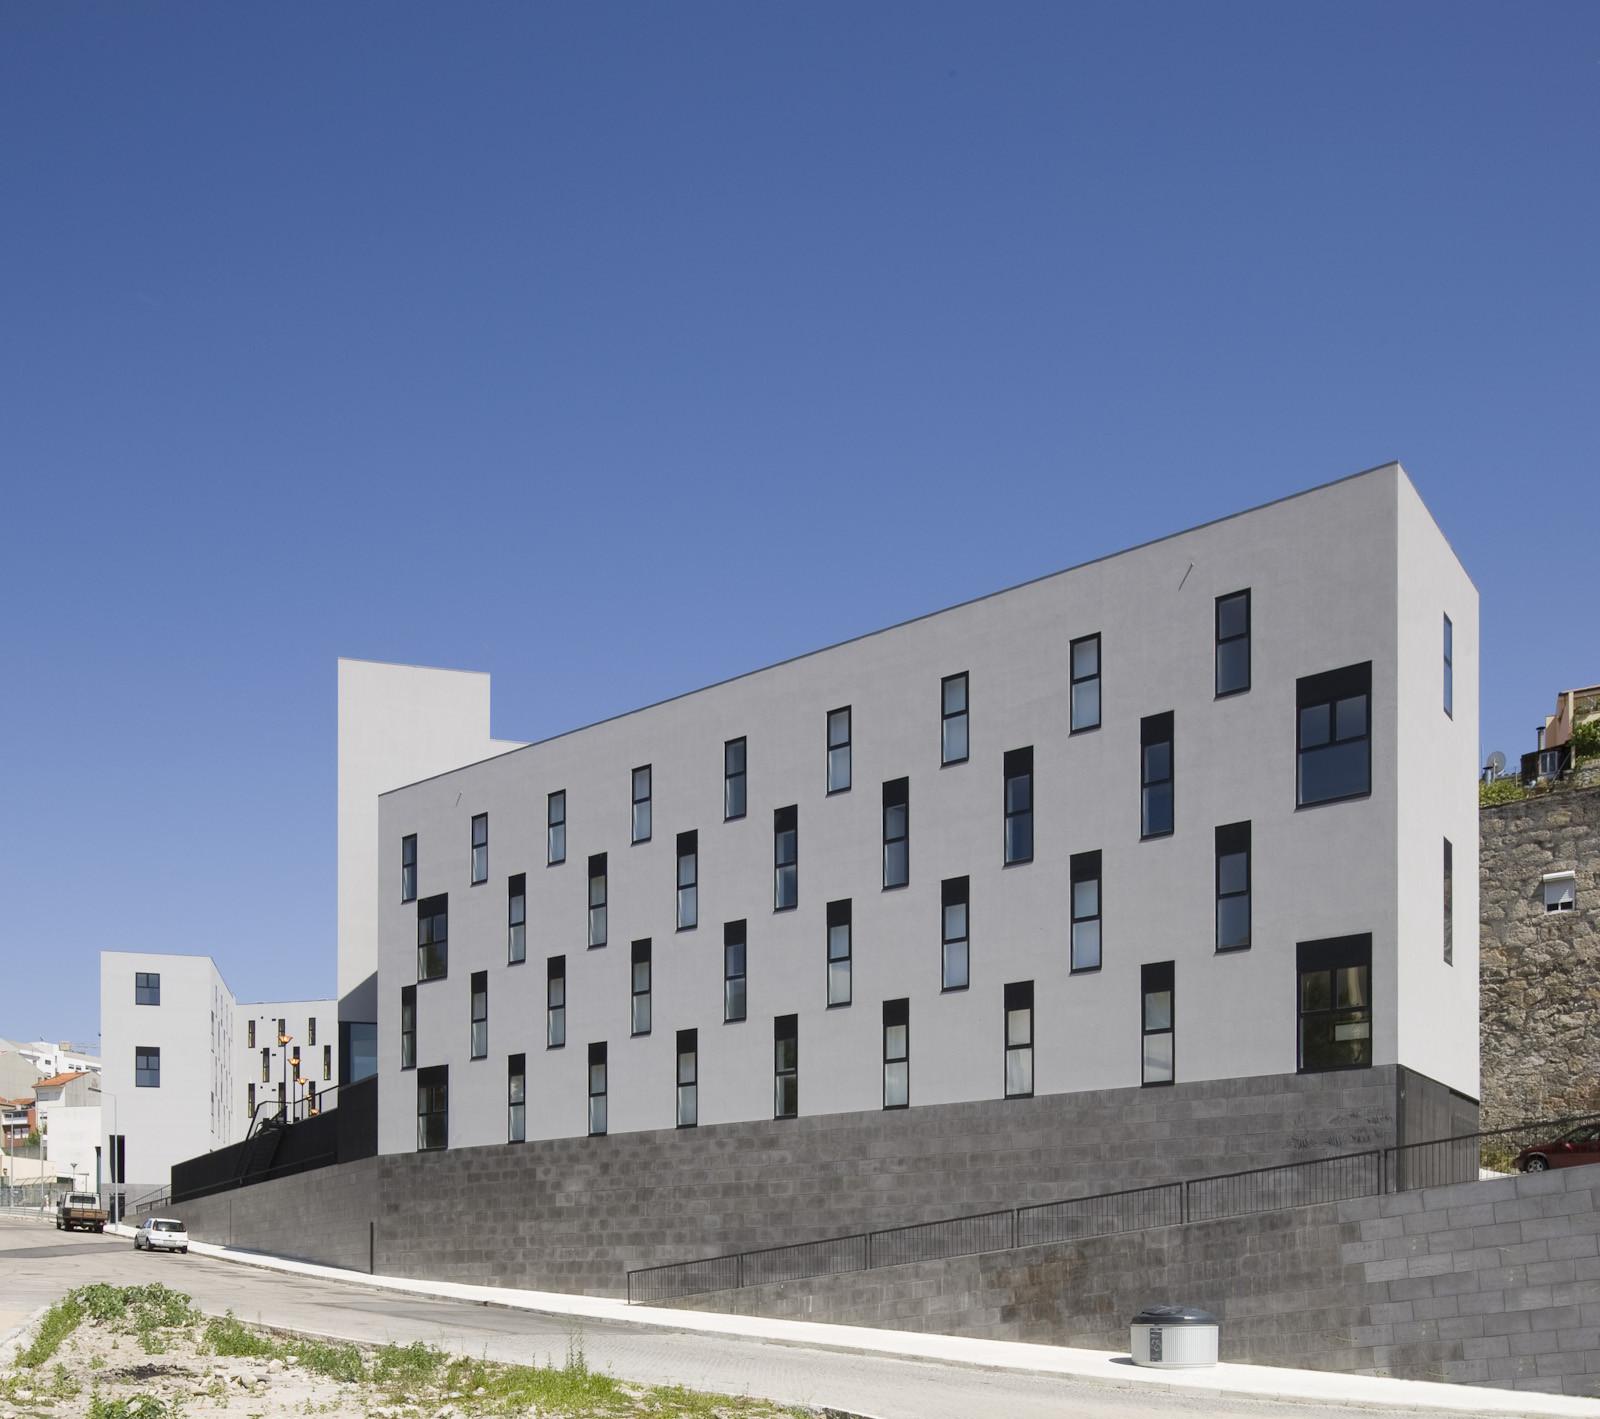 Salgueiros Social Housing / AVA Architects, © João Ferrand